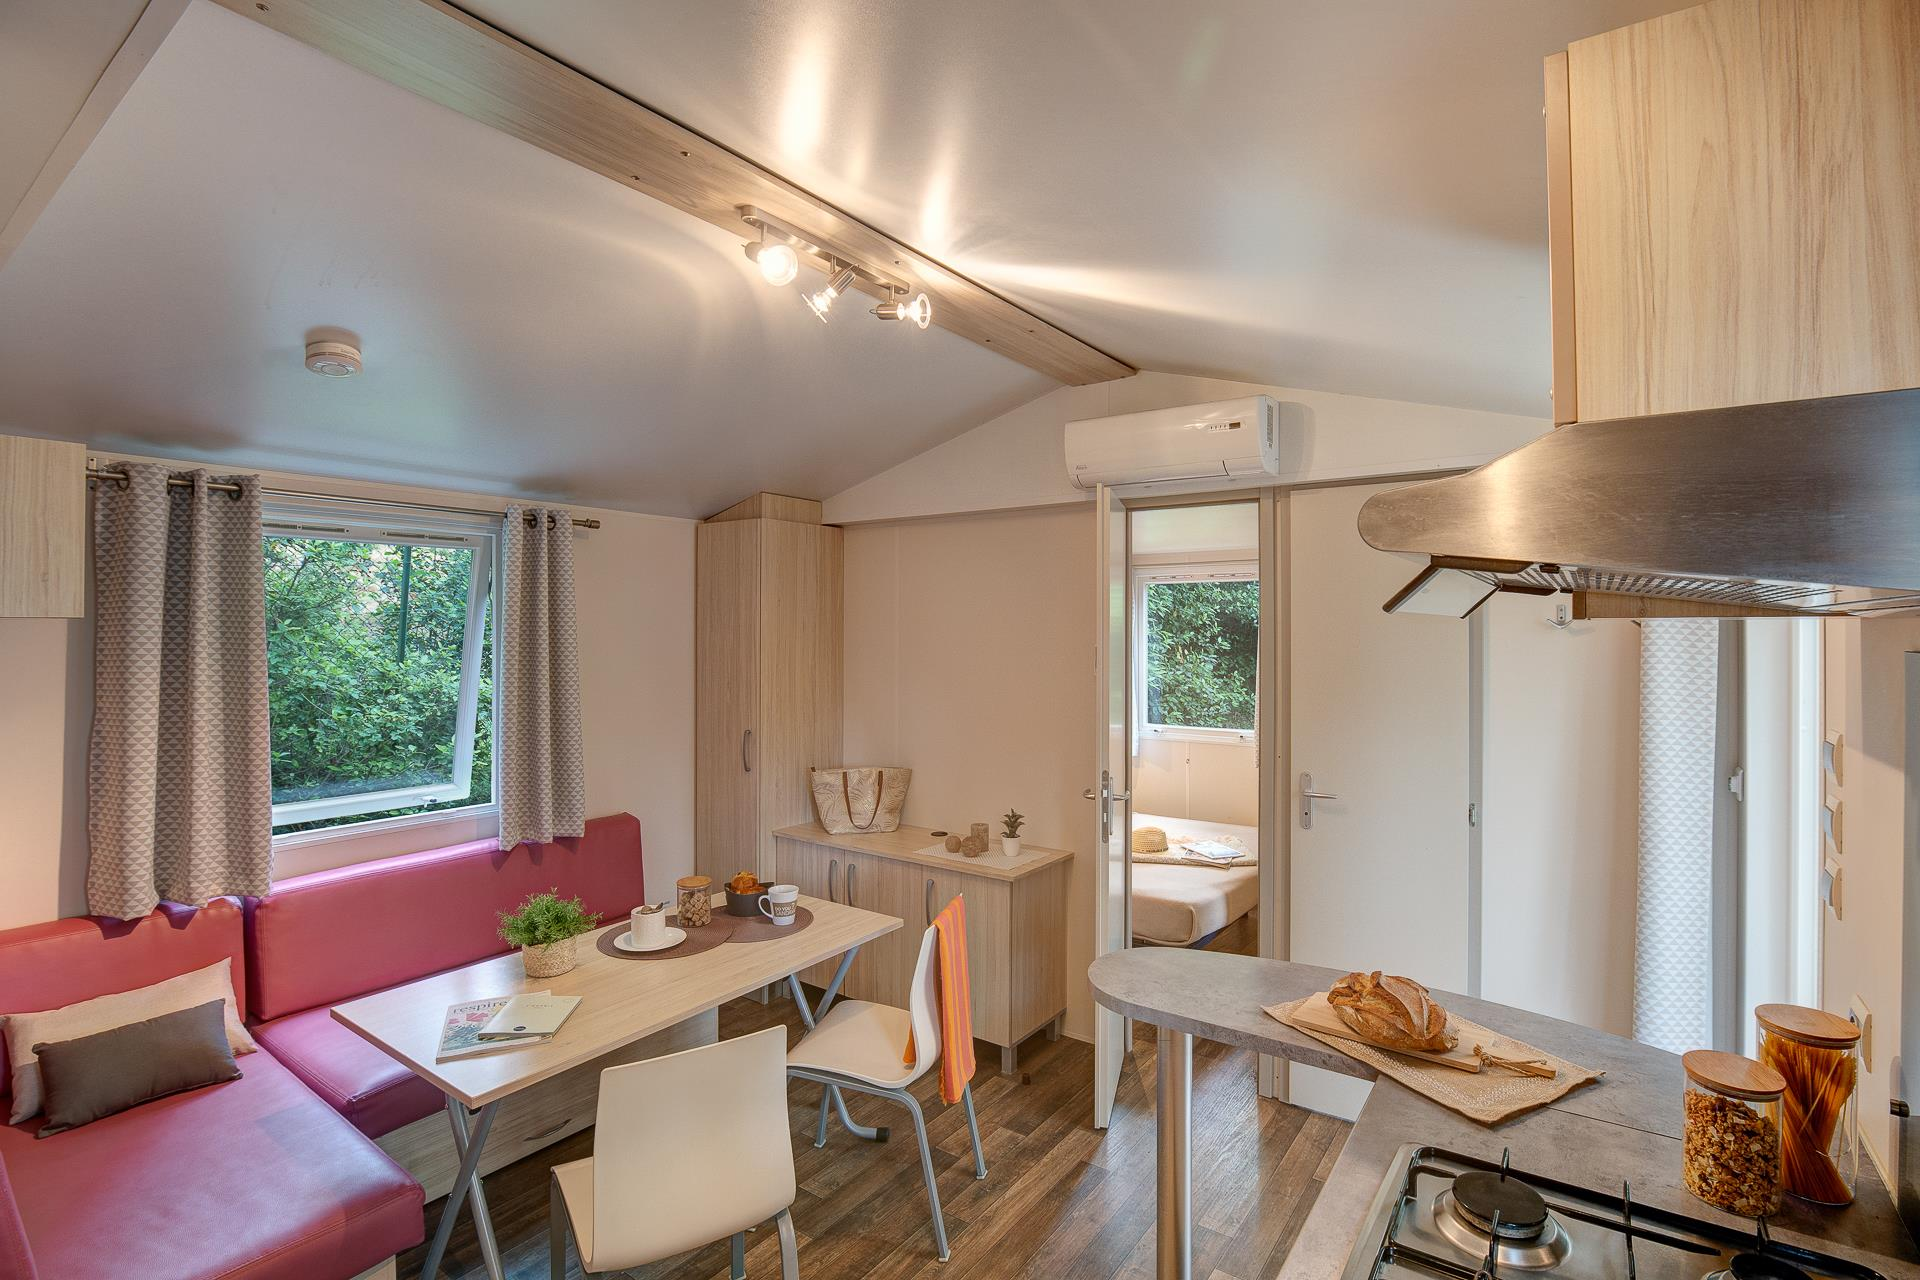 Location - Cottage 2 Chambres Climatisé*** - Camping Sandaya Plein Air des Chênes